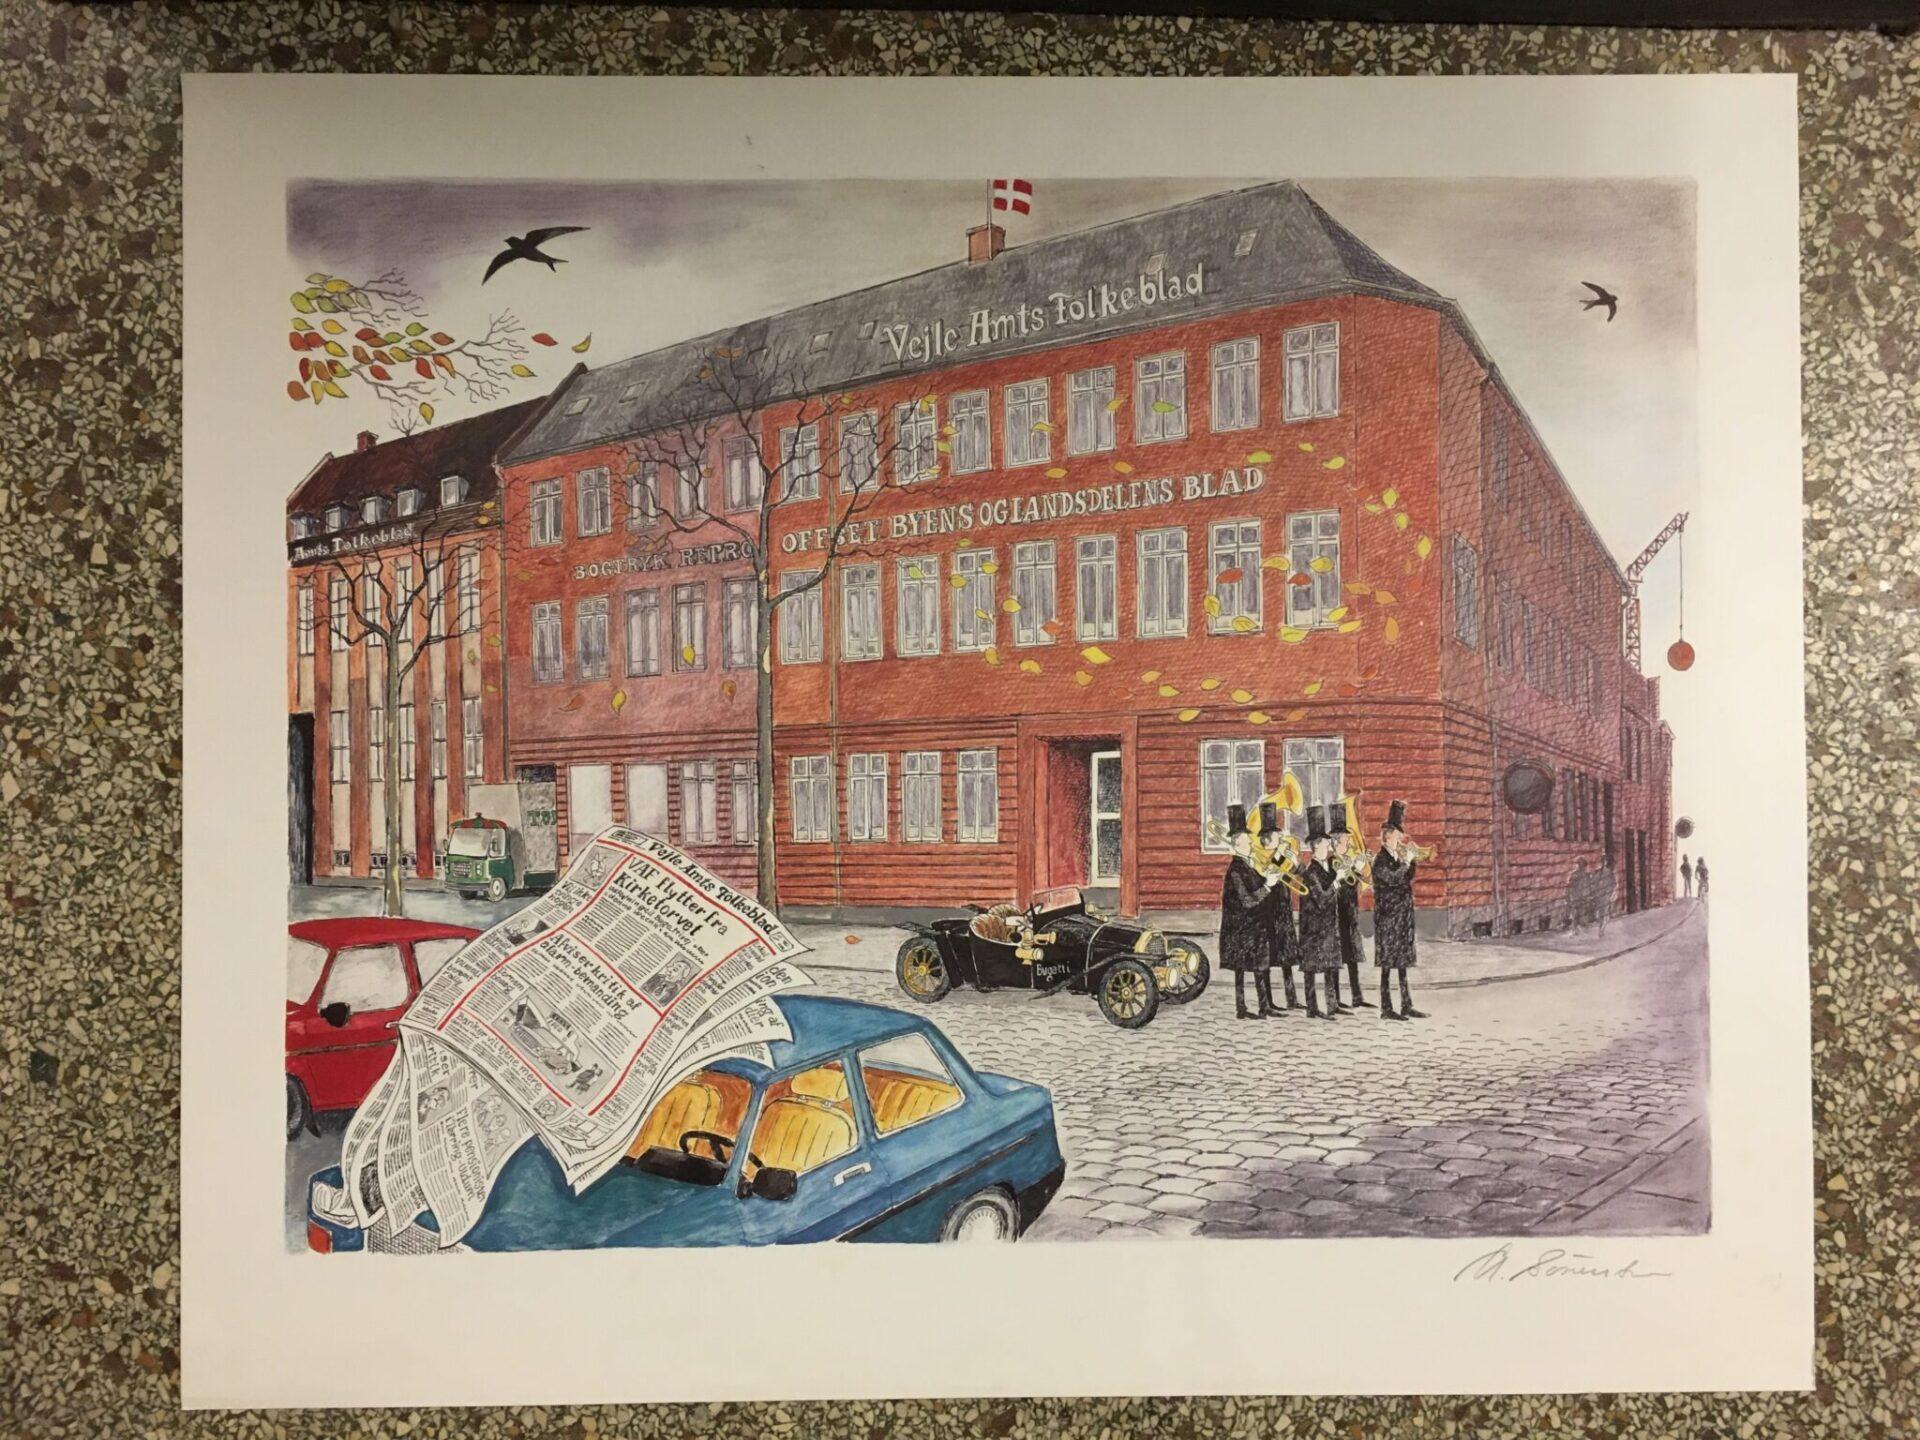 Vejle Amts Folkeblad, grafisk tryk, signeret Arne Sørensen, pris 200